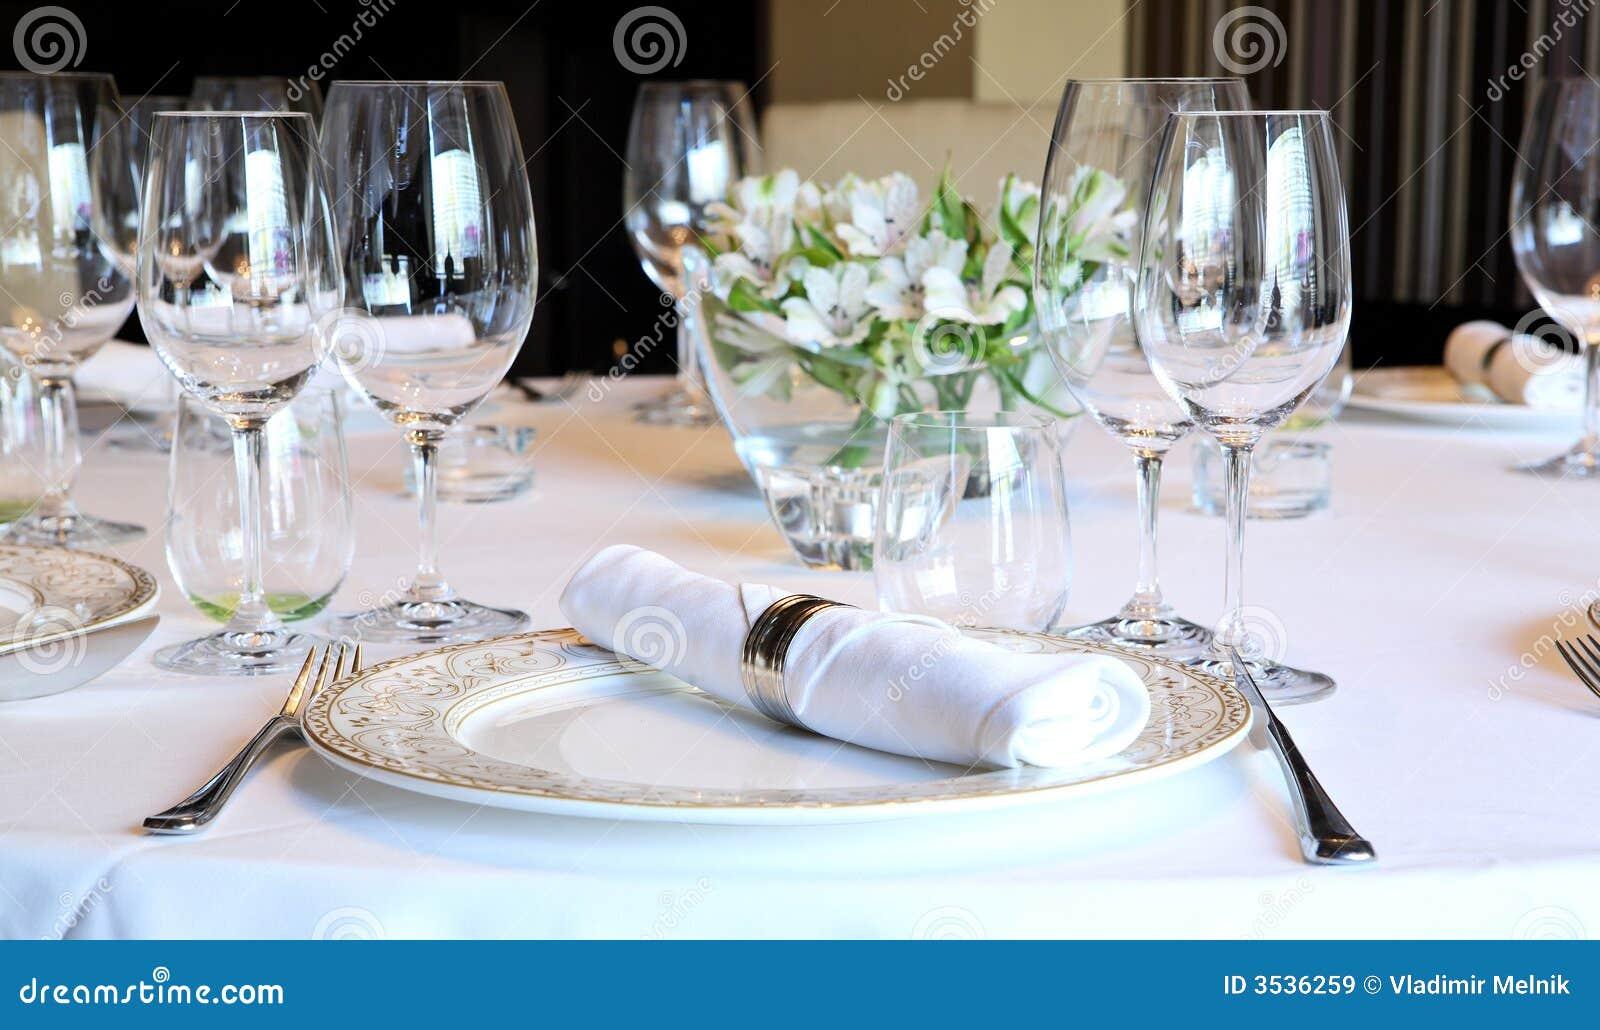 Vector de lujo fijado para una cena